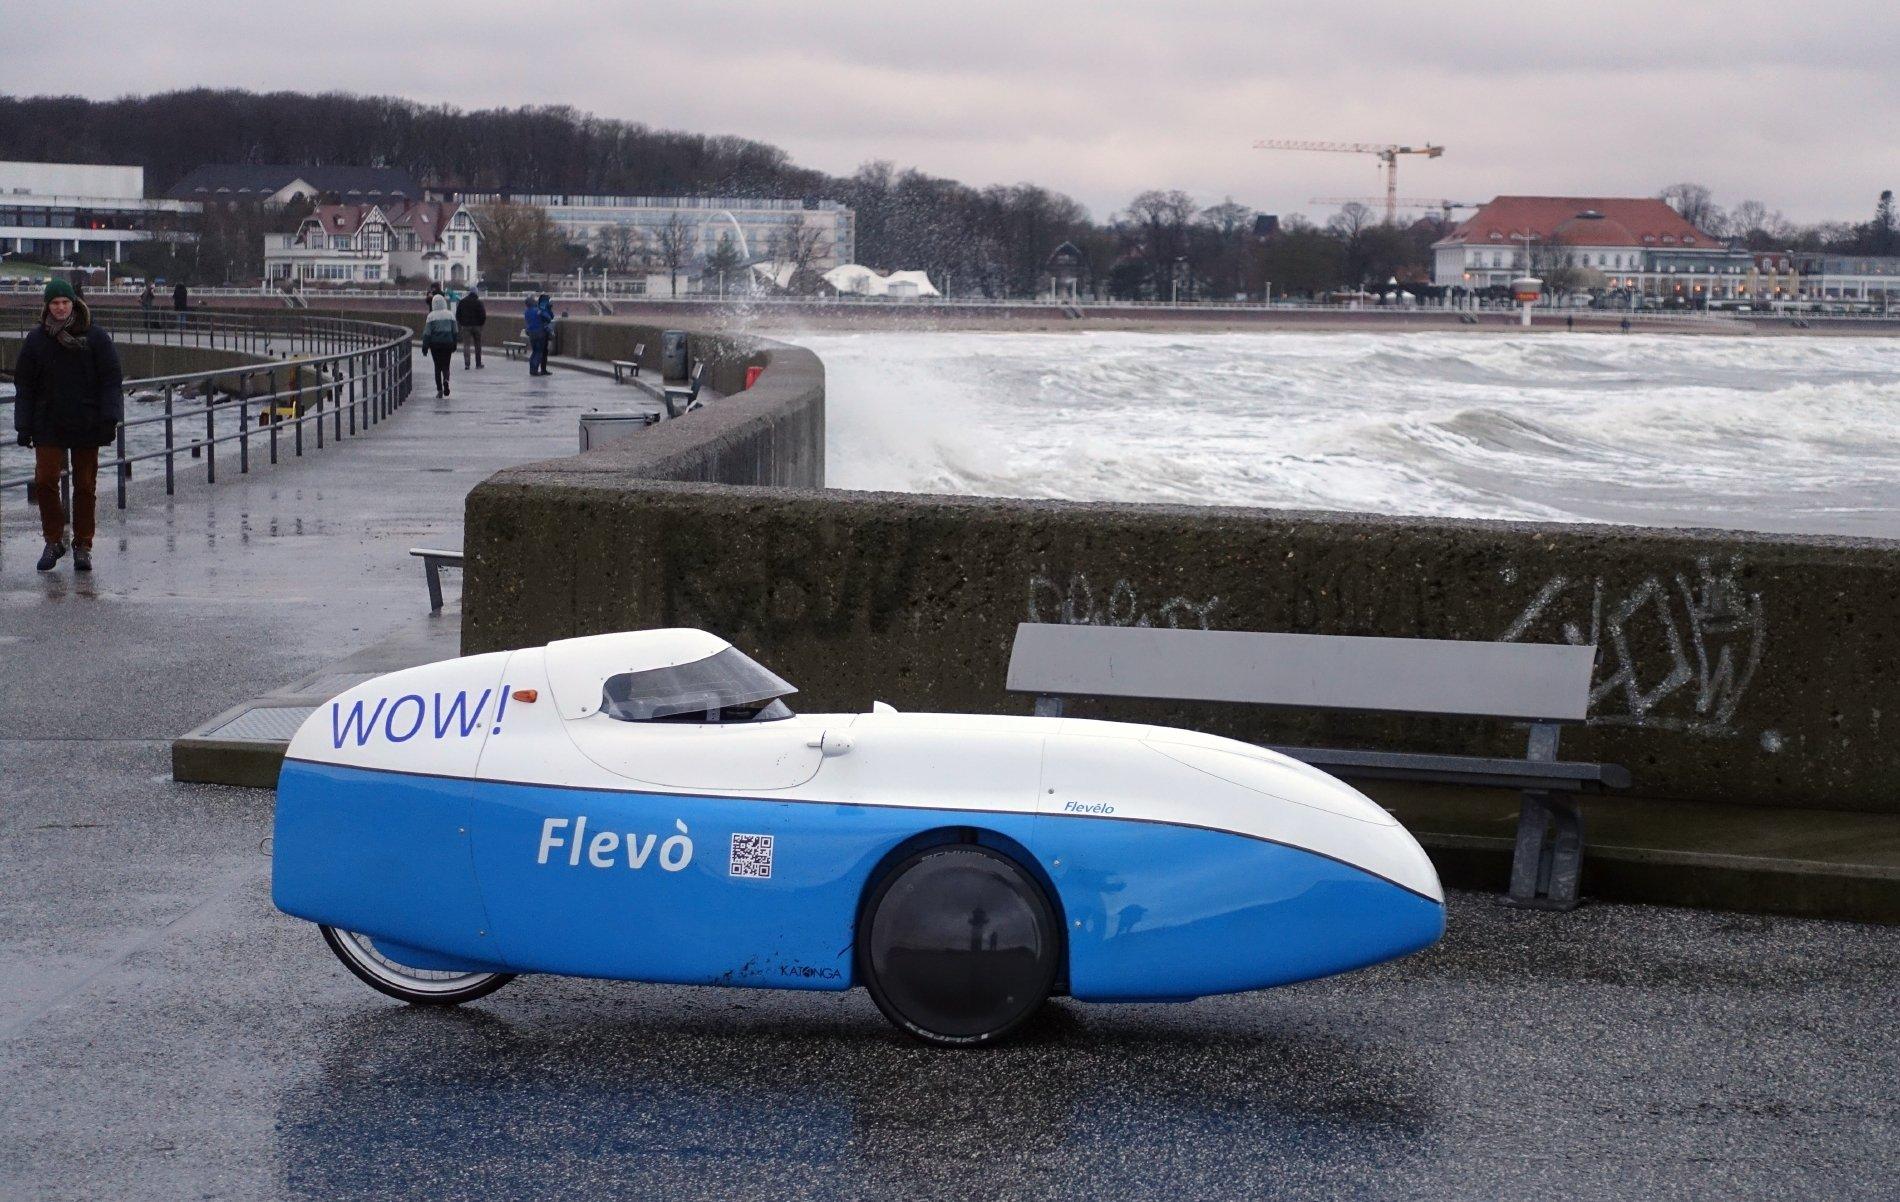 günstig kaufen neuer Lebensstil niedriger Preis Flevó - Ihr Spezialist für High Tech BICYCLES